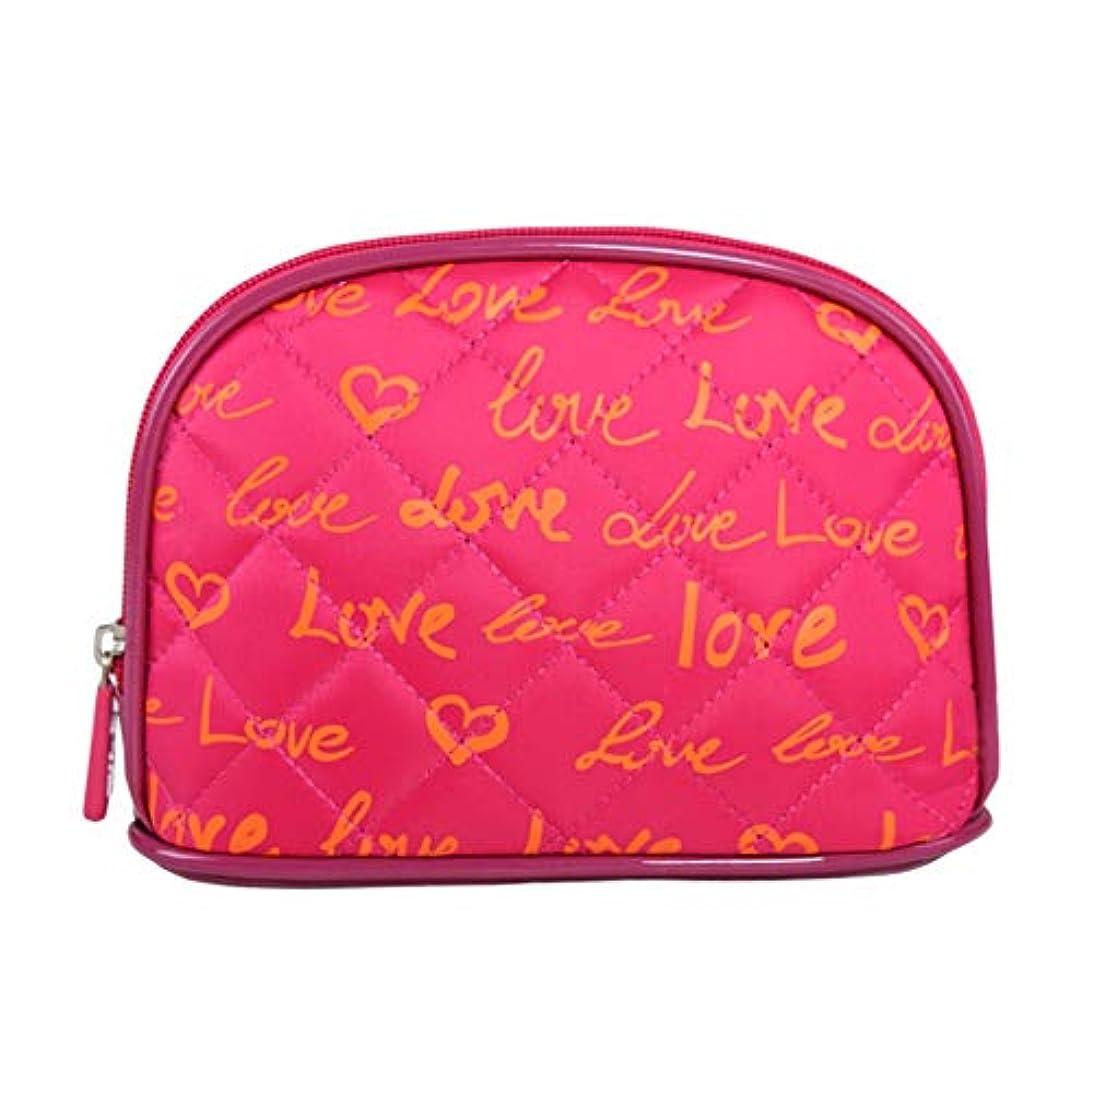 質素なフィクション贅沢化粧オーガナイザーバッグ ポータブル防水化粧品袋印刷トップジッパーメークアップの場合旅行 化粧品ケース (色 : 赤)